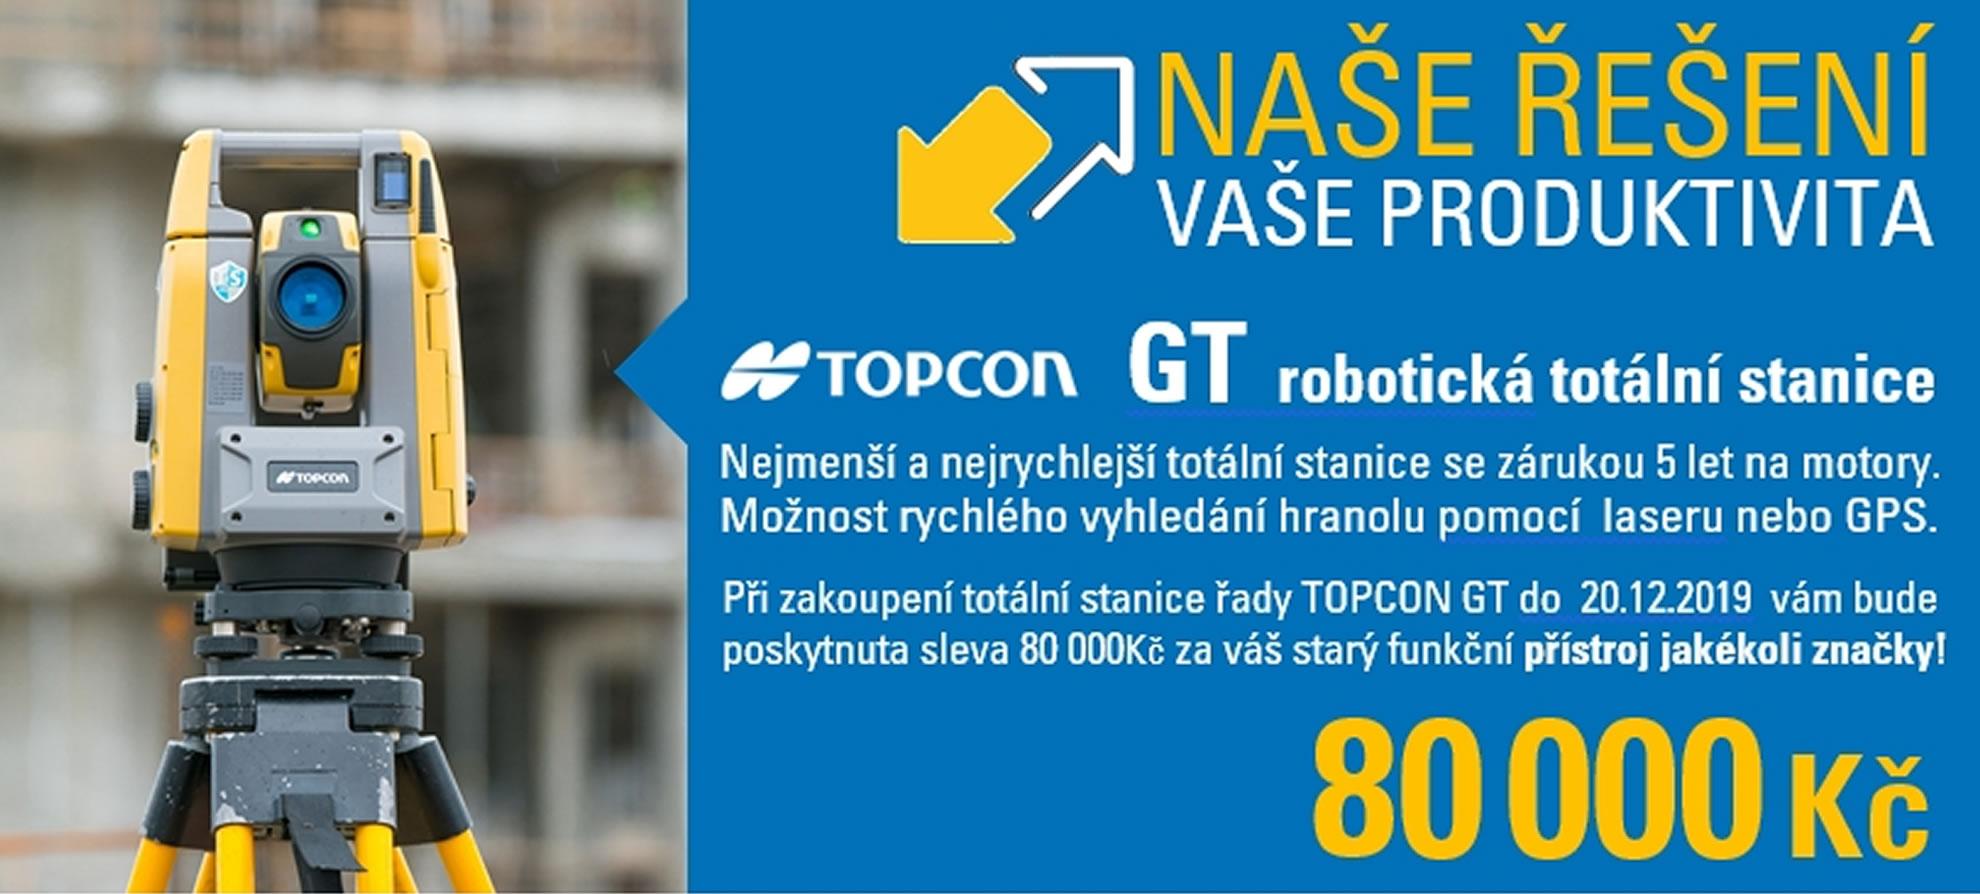 topcon-nabidka-do-prosince-2019